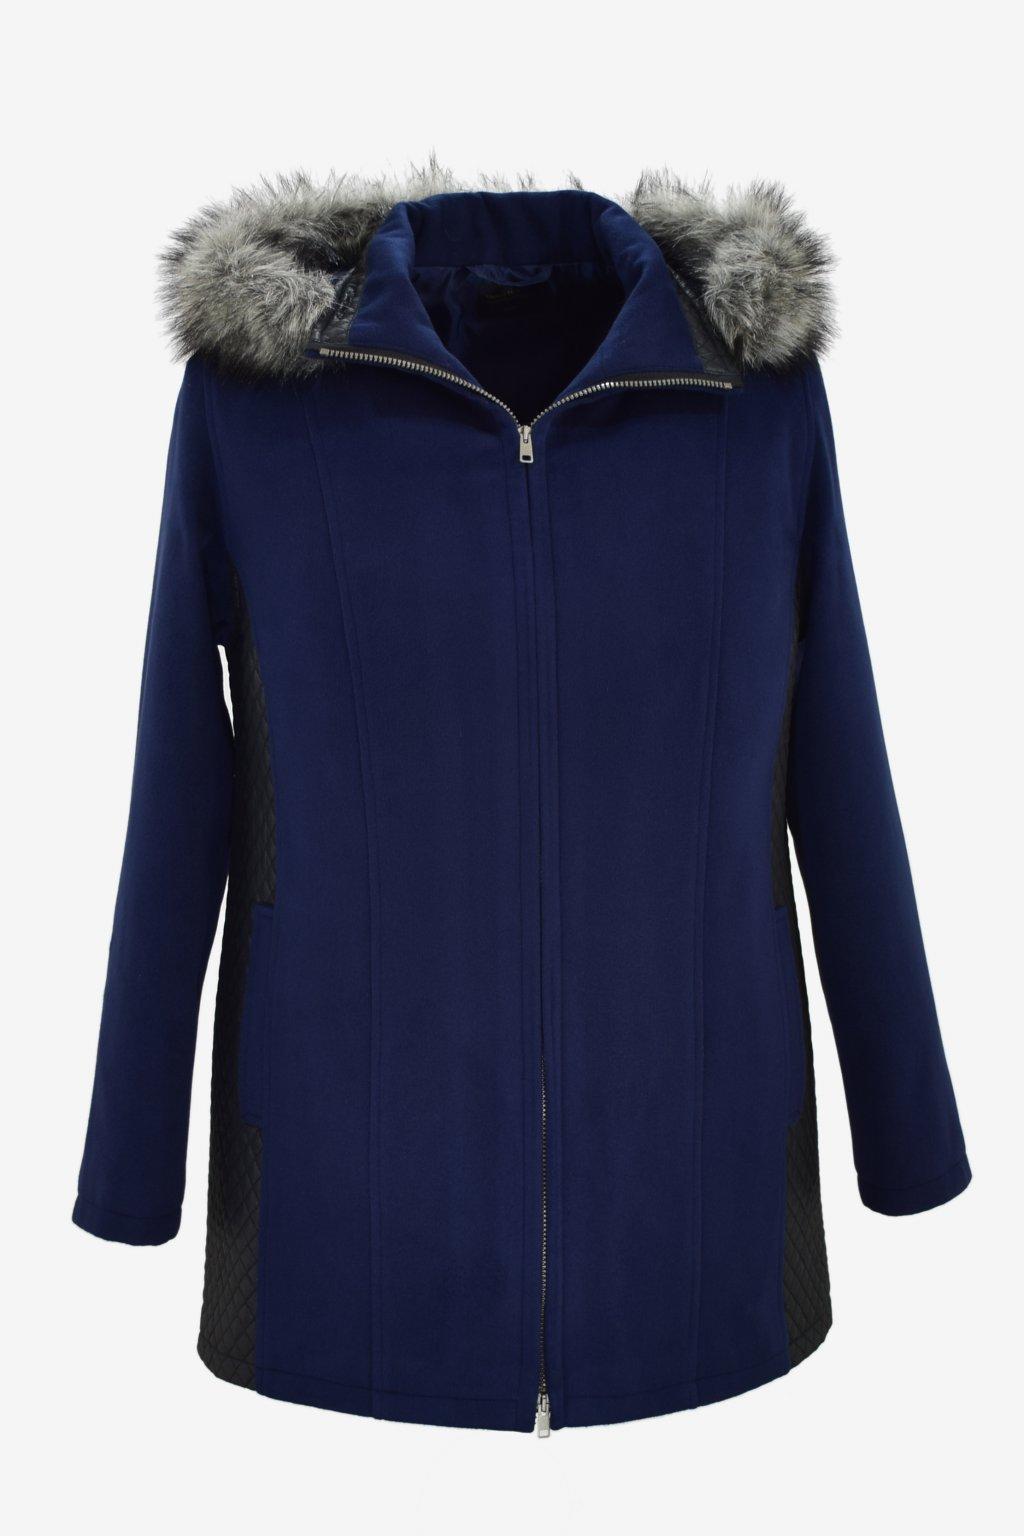 Dámský modrý zimní kabátek Frída nadměrné velikosti.